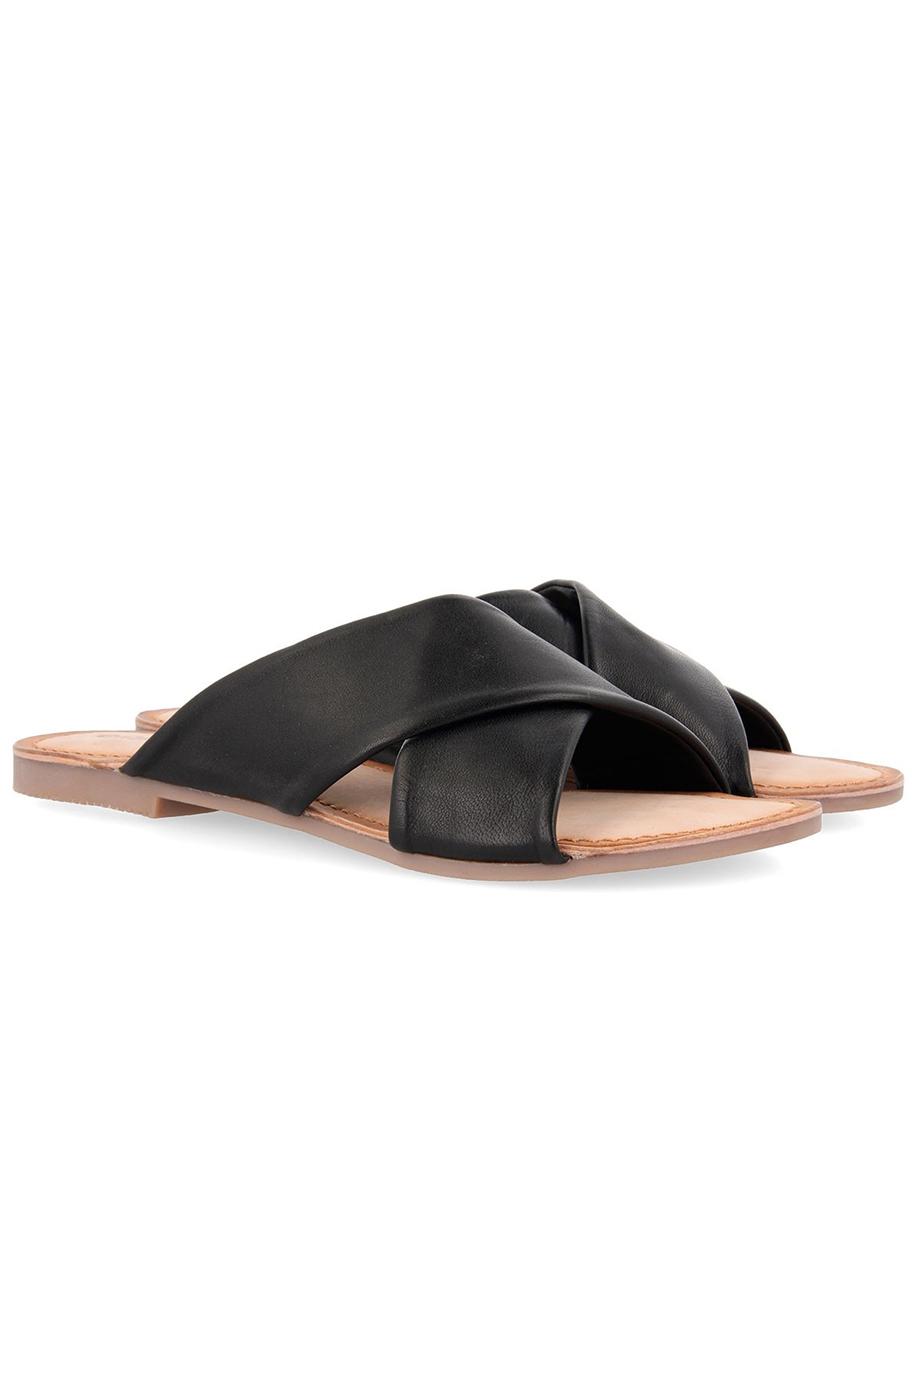 Cinco pares de sapatos que toda mulher deveria ter [Mâle